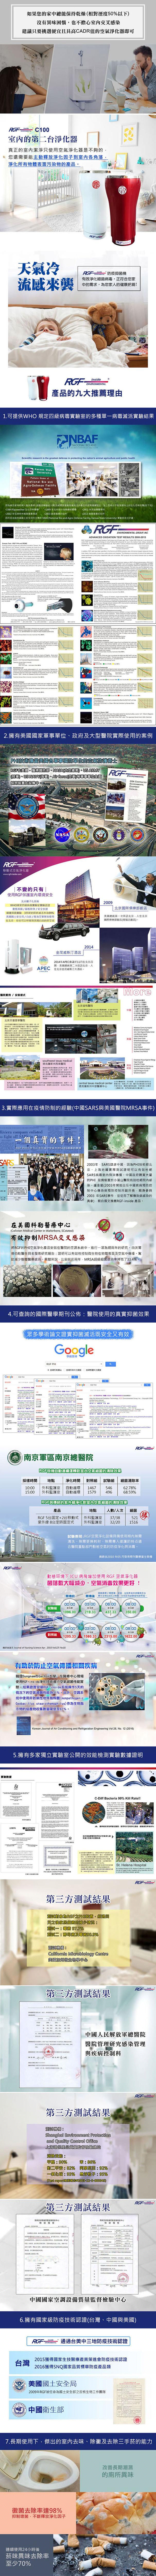 美國RGF|inside C100PHI 便擕式防疫抑菌機 光水離子化防疫專利技術認證(建議2-10坪空間使用)